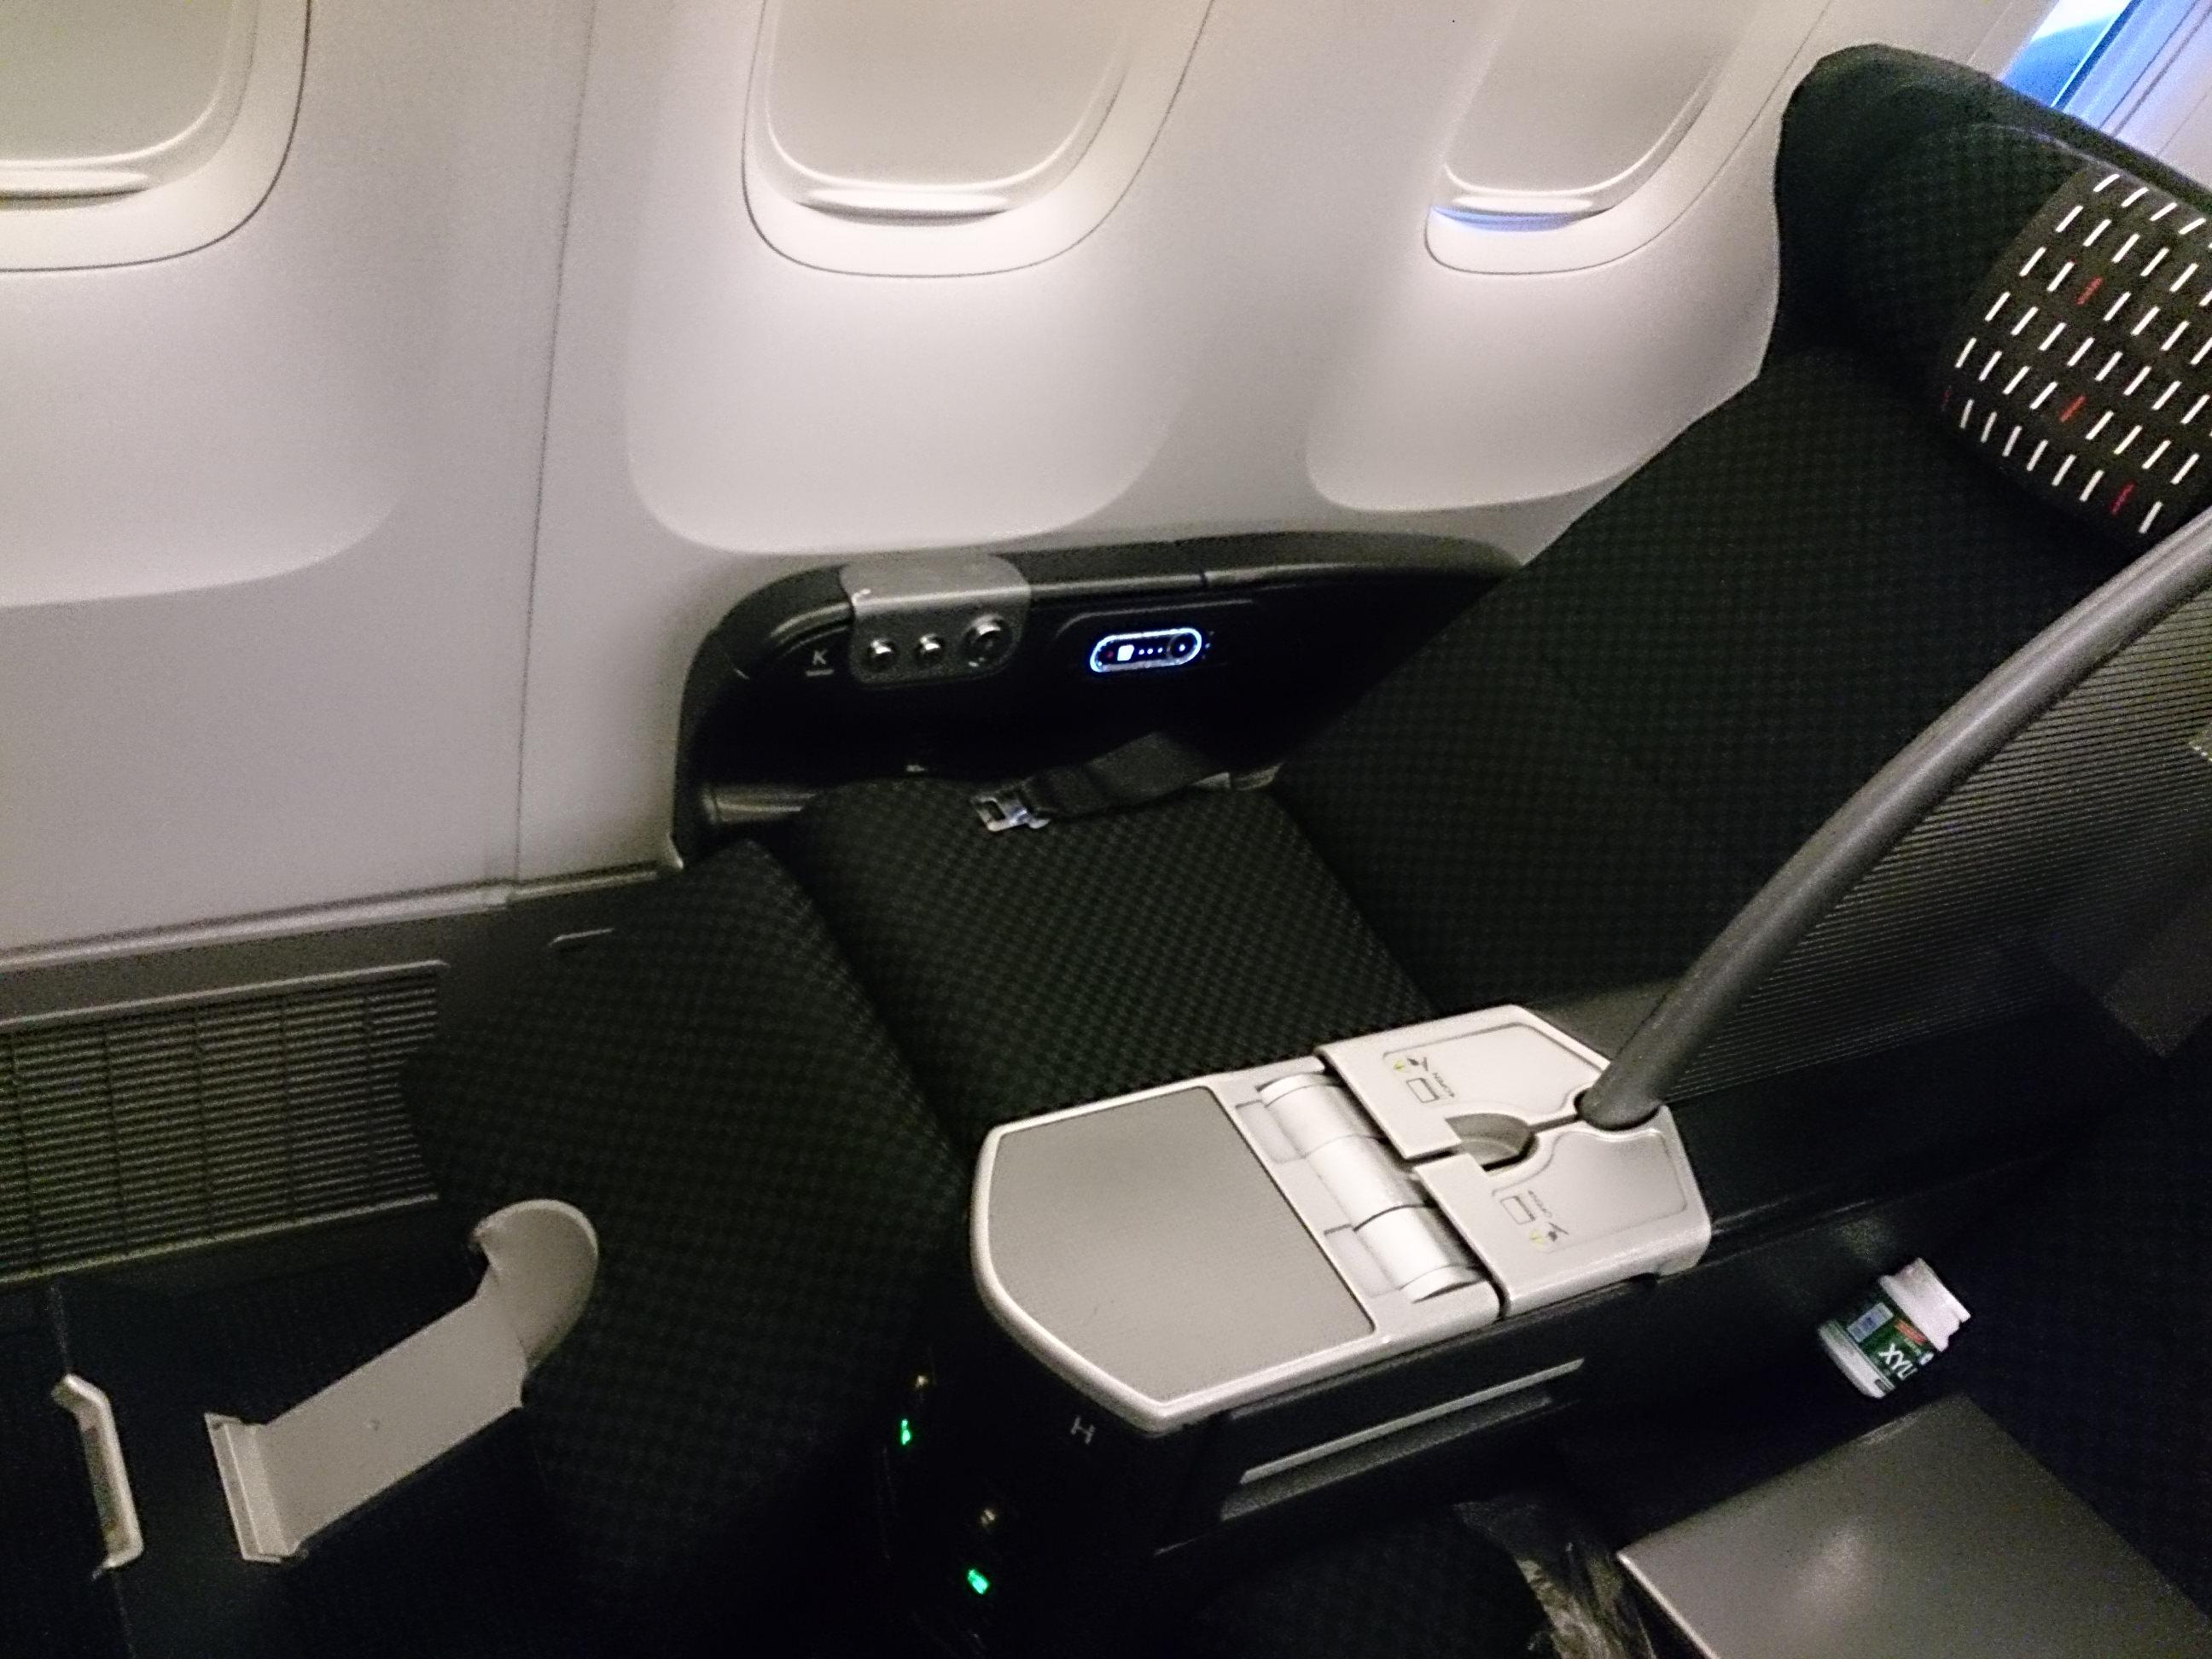 日本航空 羽田―広州 JL087 ビジネスクラス搭乗記